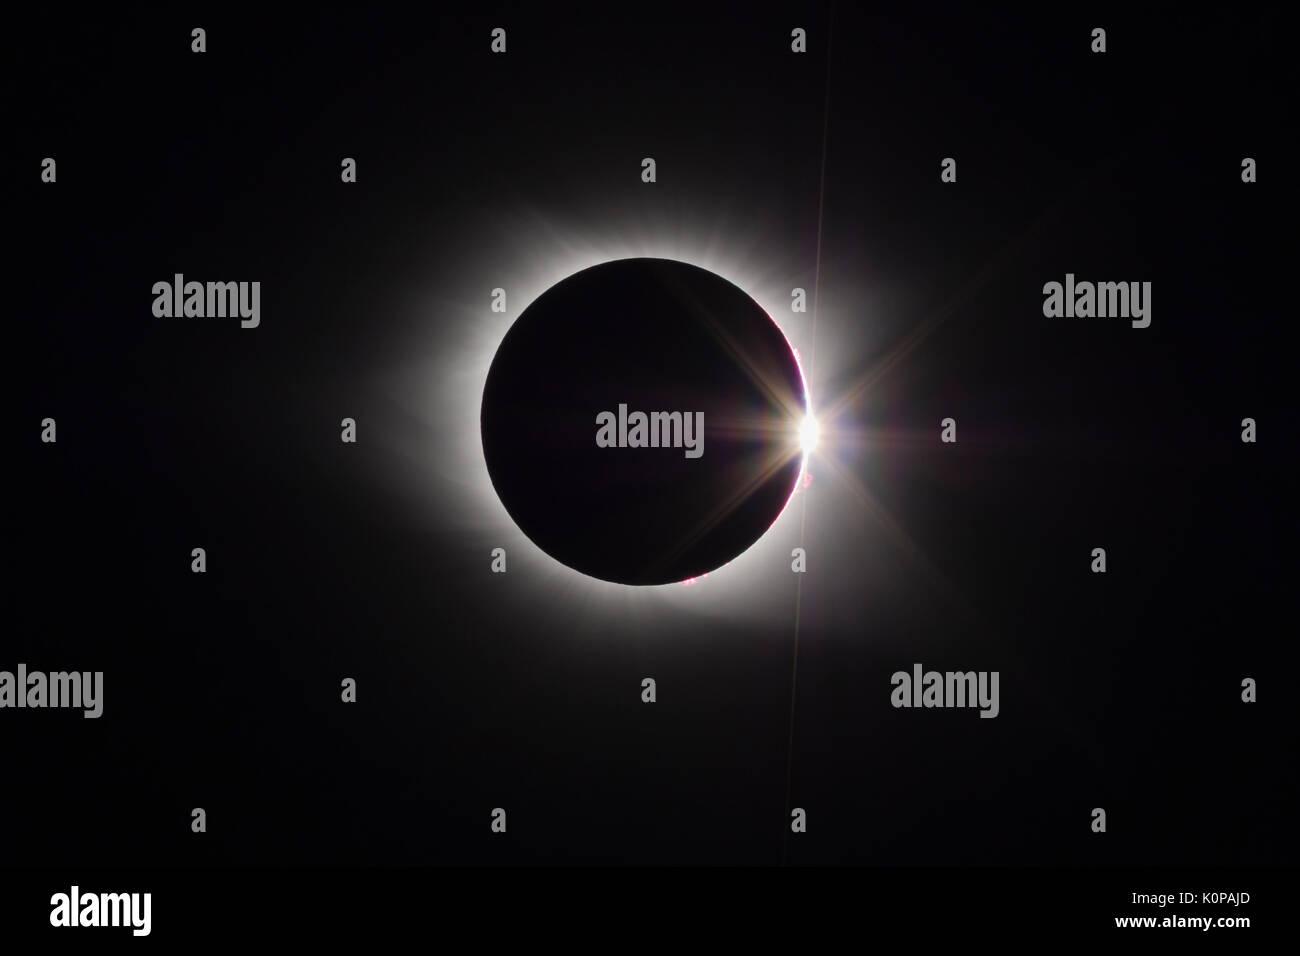 Il sole la corona e la corona diamantata effetto sono visibili alla fine del total eclipse fase del Great American Eclipse il 21 agosto 2017. Immagini Stock